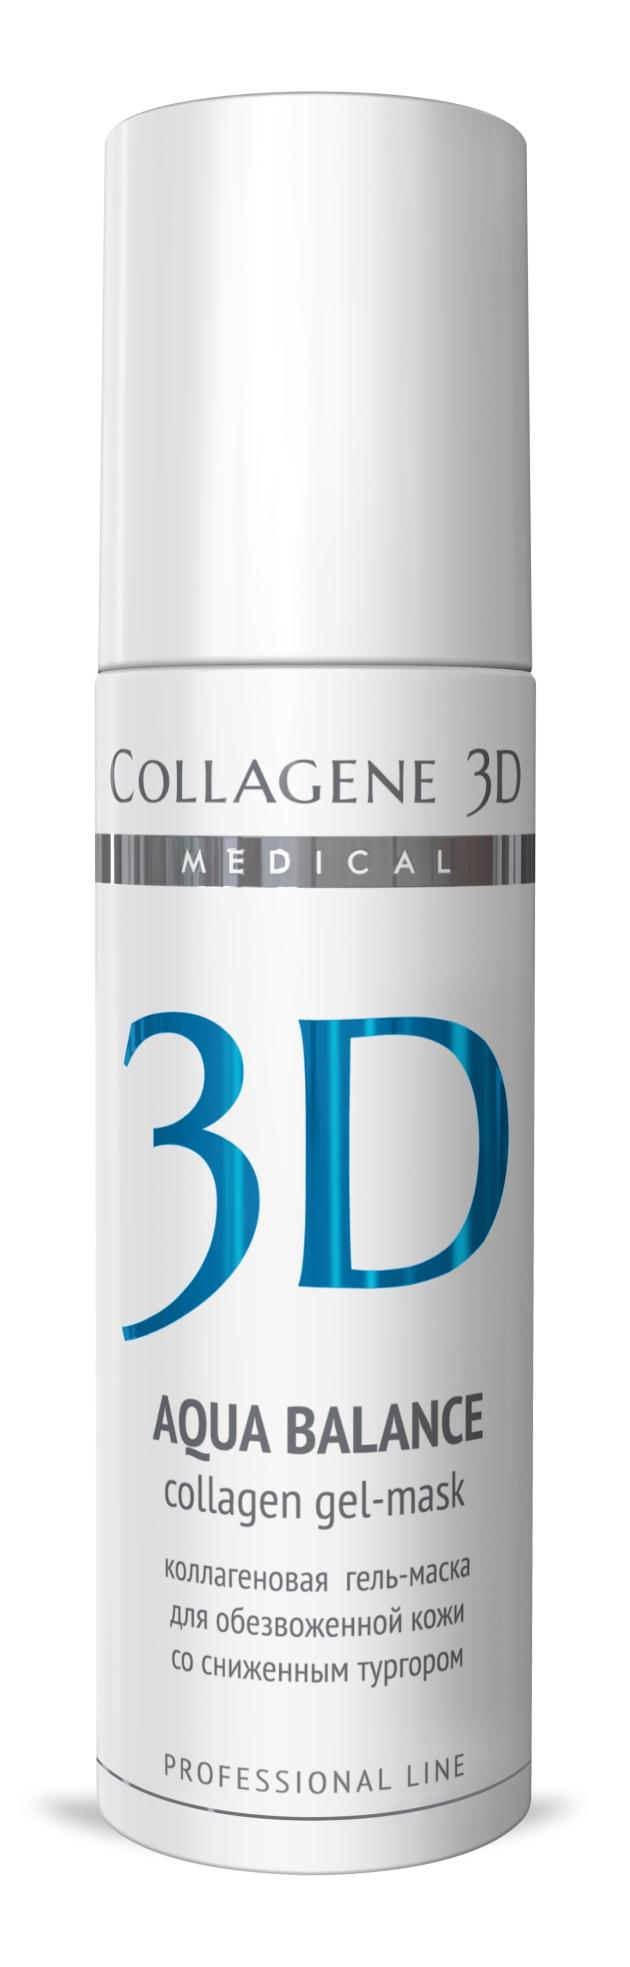 MEDICAL COLLAGENE 3D Гель-маска коллагеновая с гиалуроновой кислотой Aqua Balance 130мл проф.Маски<br>Гель-маска подходит для проведения самостоятельной процедуры, а также сочетается с аппаратными методиками, может применяться в качестве концентрата под альгинатную маску или обертывания. Гиалуроновая кислота, входящая в состав гель-маски, насыщает глубокие слои кожи молекулами воды, ускоряет регенерацию тканей, повышает тургор и эластичность. Нативный трехспиральный коллаген способствует разглаживанию морщин, стимулирует процессы обновления кожи. Активные ингредиенты: нативный трехспиральный коллаген, гиалуроновая кислота. Способ применения: косметическая маска: очистить кожу косметическим молочком MILKY FRESH и тонизировать фитотоником NATURAL FRESH. Сделать пилинг, если потребуется. Нанести гель-маску на кожу тонким слоем. Сразу после того, как гель впитается, увлажнить кожу водой и поверх первого слоя нанести второй слой гель-маски. Время экспликации 5-15 минут (в зависимости от степени влажности помещения и особенностей кожи клиента, гель-маска может впитываться очень быстро). Если после полного поглощения кожей гель-маски останется чувство стянутости, следует удалить остатки микрослоя гель-маски при помощи фитотоника NATURAL FRESH. Нанести средство ухода за кожей век и крем MEDICAL COLLAGENE 3D по выбору косметолога.<br><br>Объем: 130<br>Типы кожи: Сухая и обезвоженная<br>Назначение: Морщины